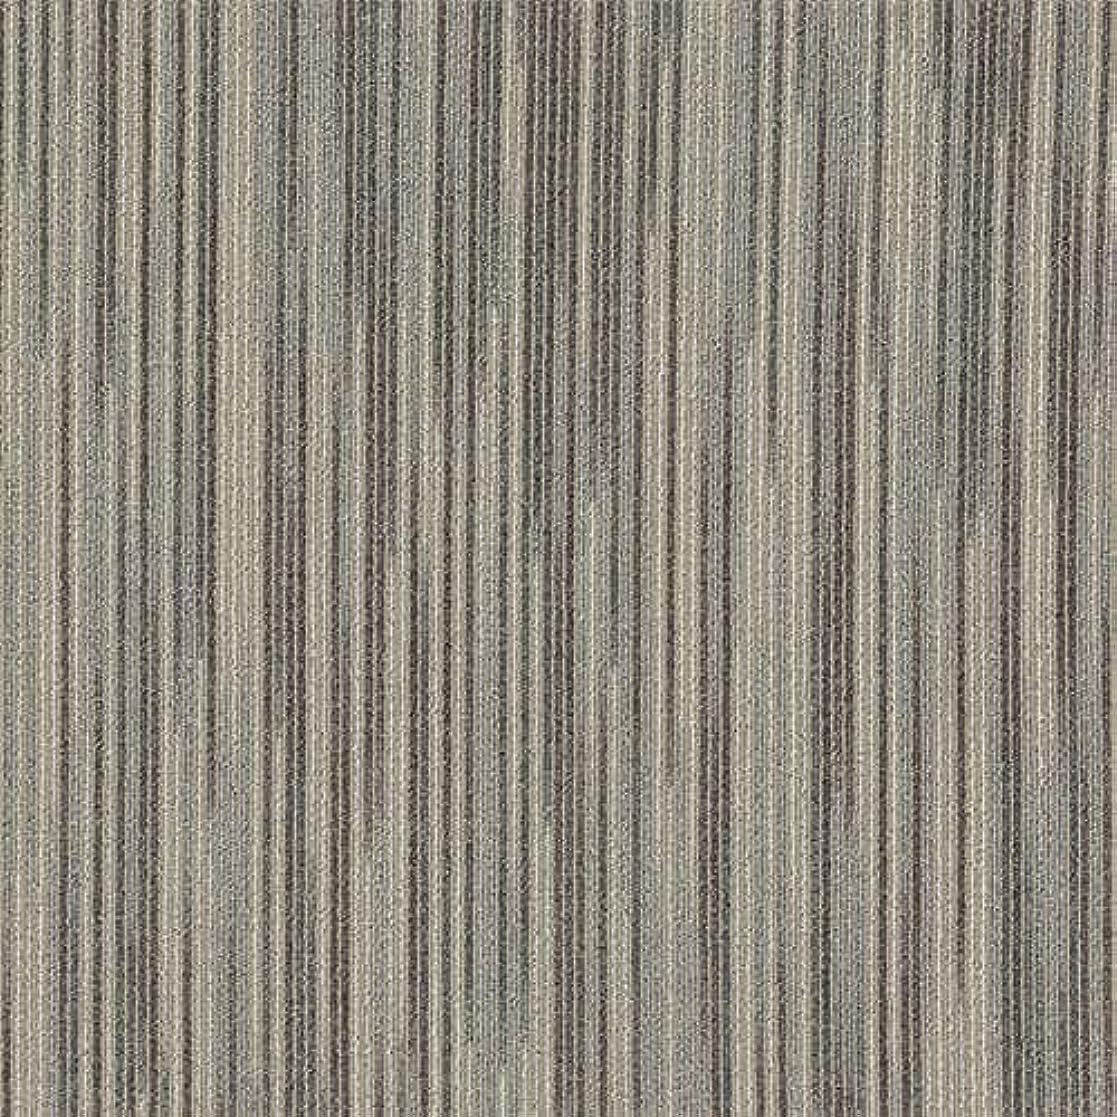 リングレット学部支配する【洗える】東リタイルカーペット スマイフィールスクエア4200 50×50cm 10枚入り FF4204(薄墨絣)